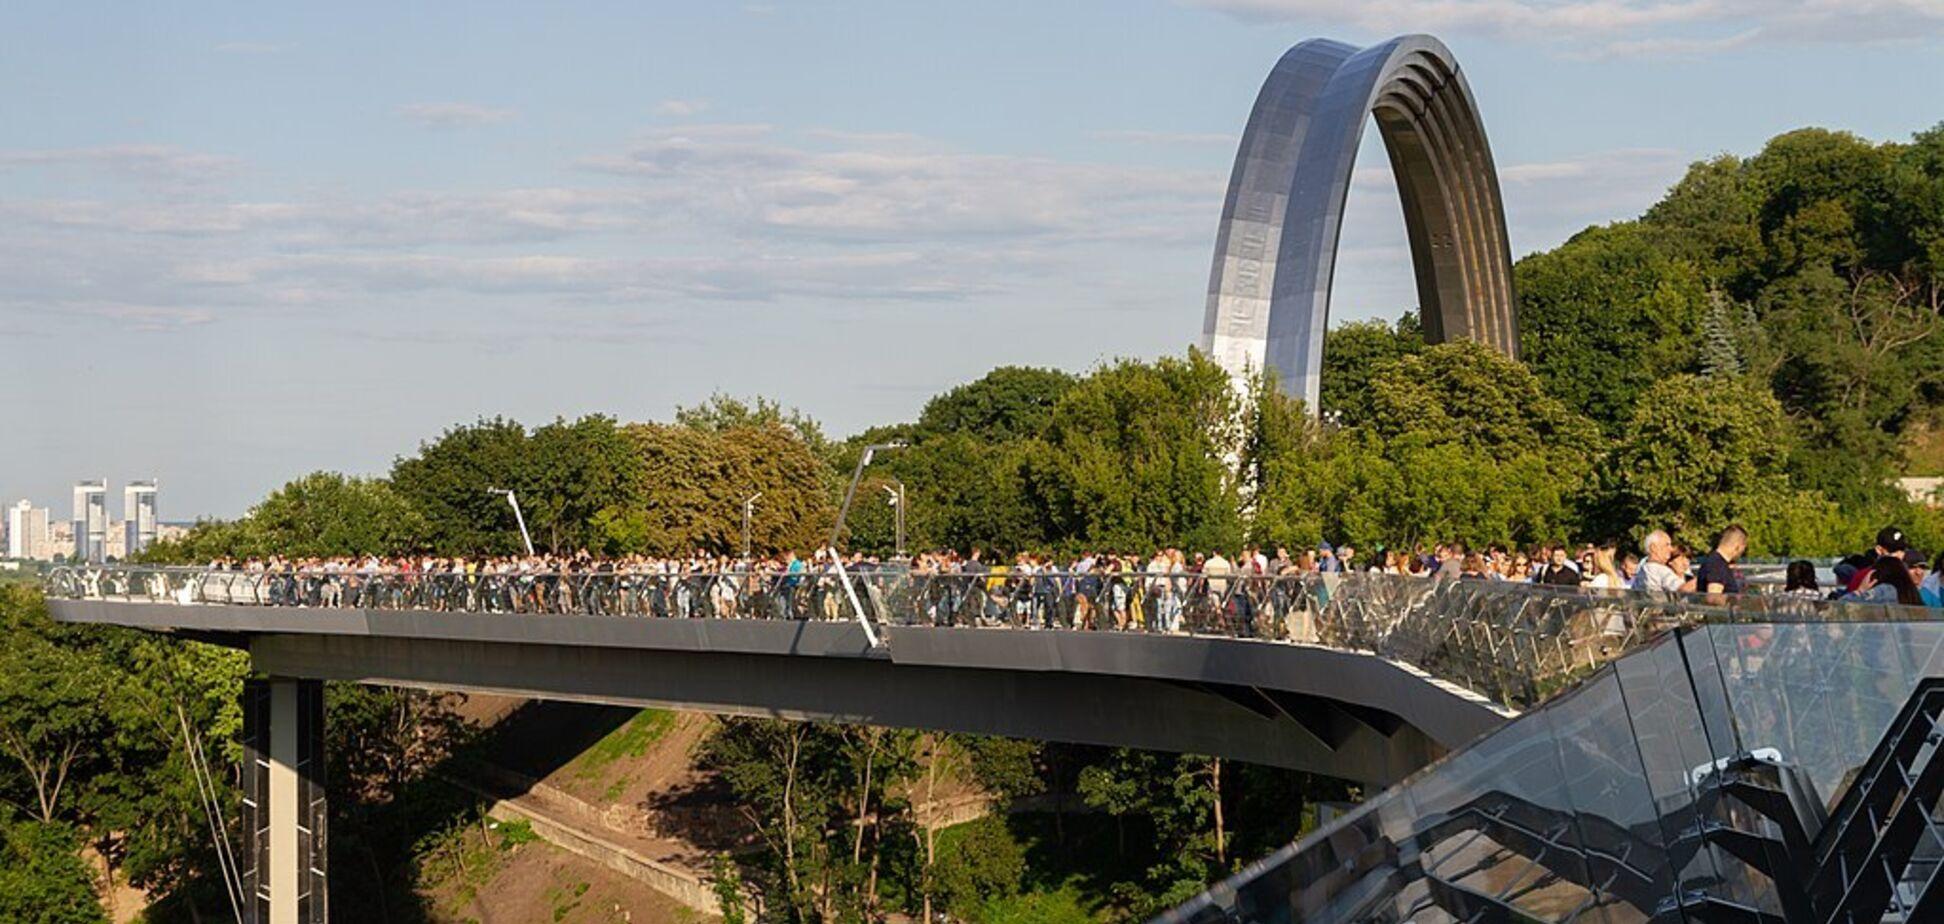 Мост Кличко может получить престижную награду от ЕС в области архитектуры